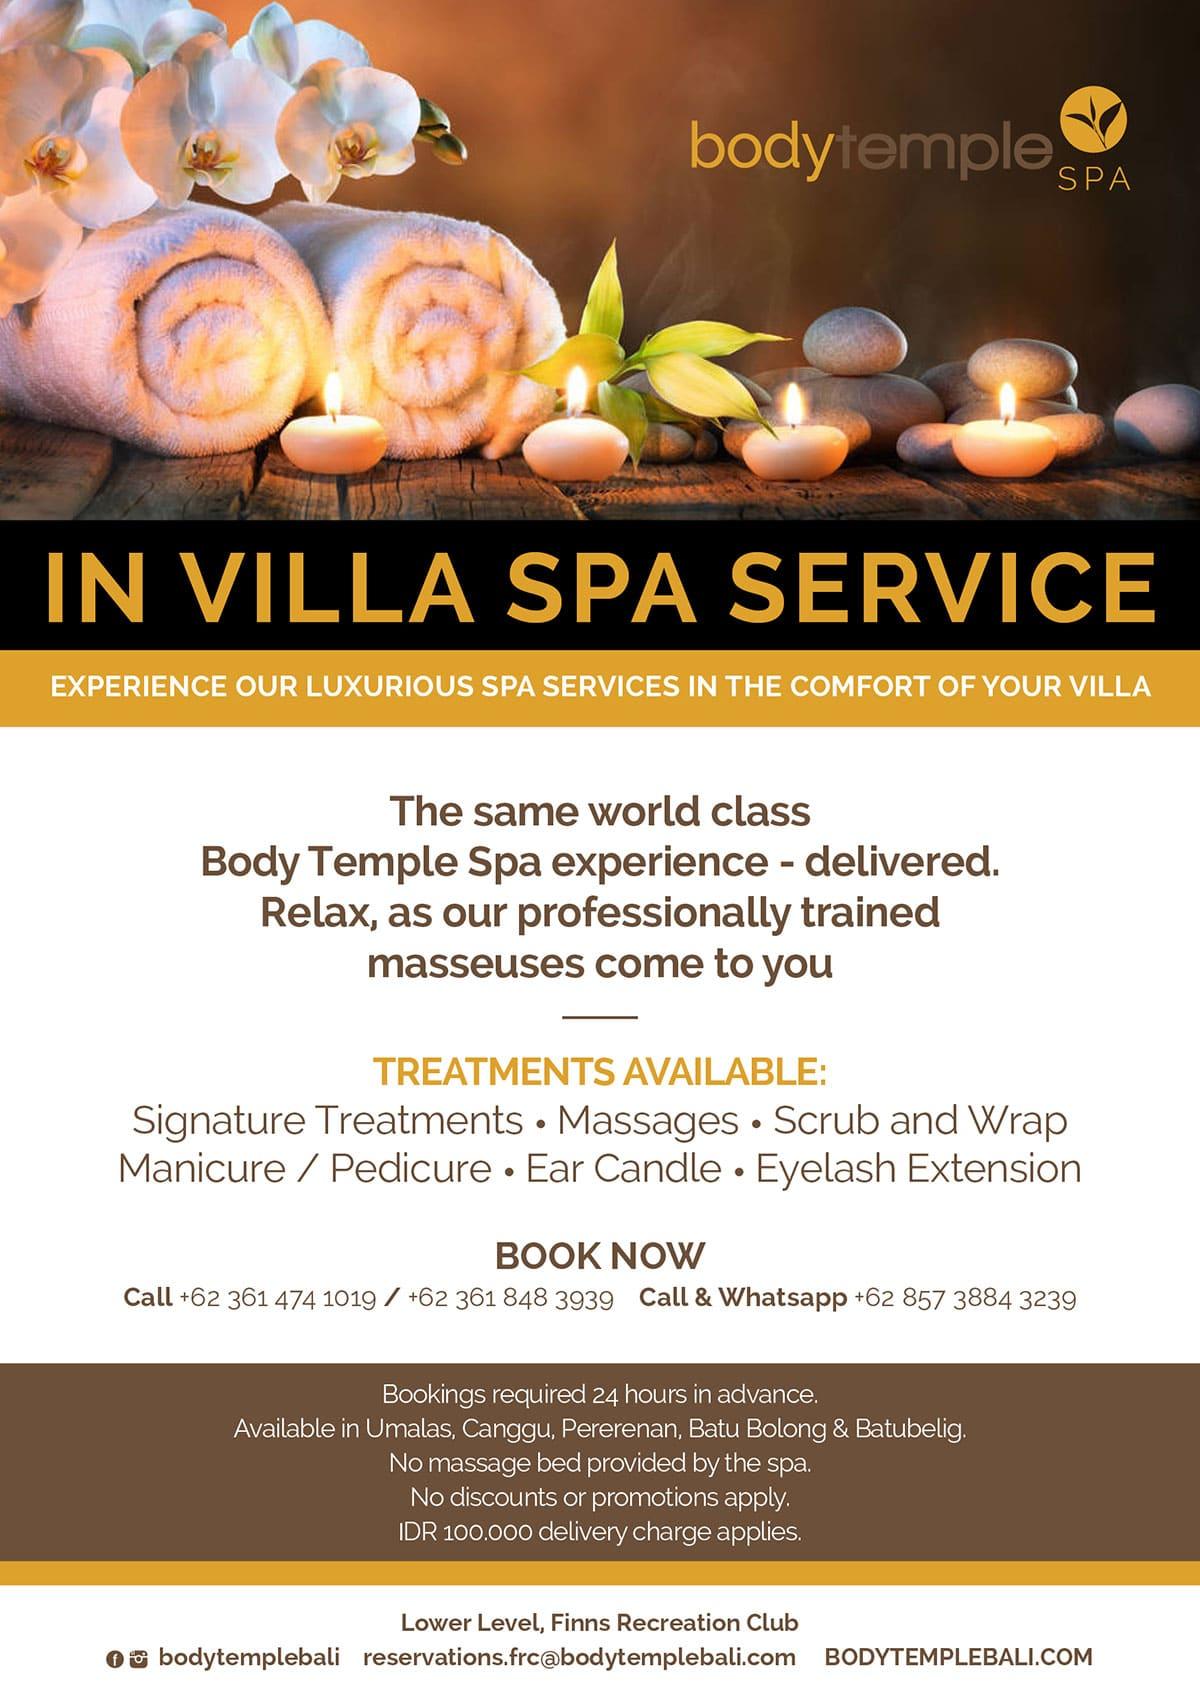 In Villa Spa Service